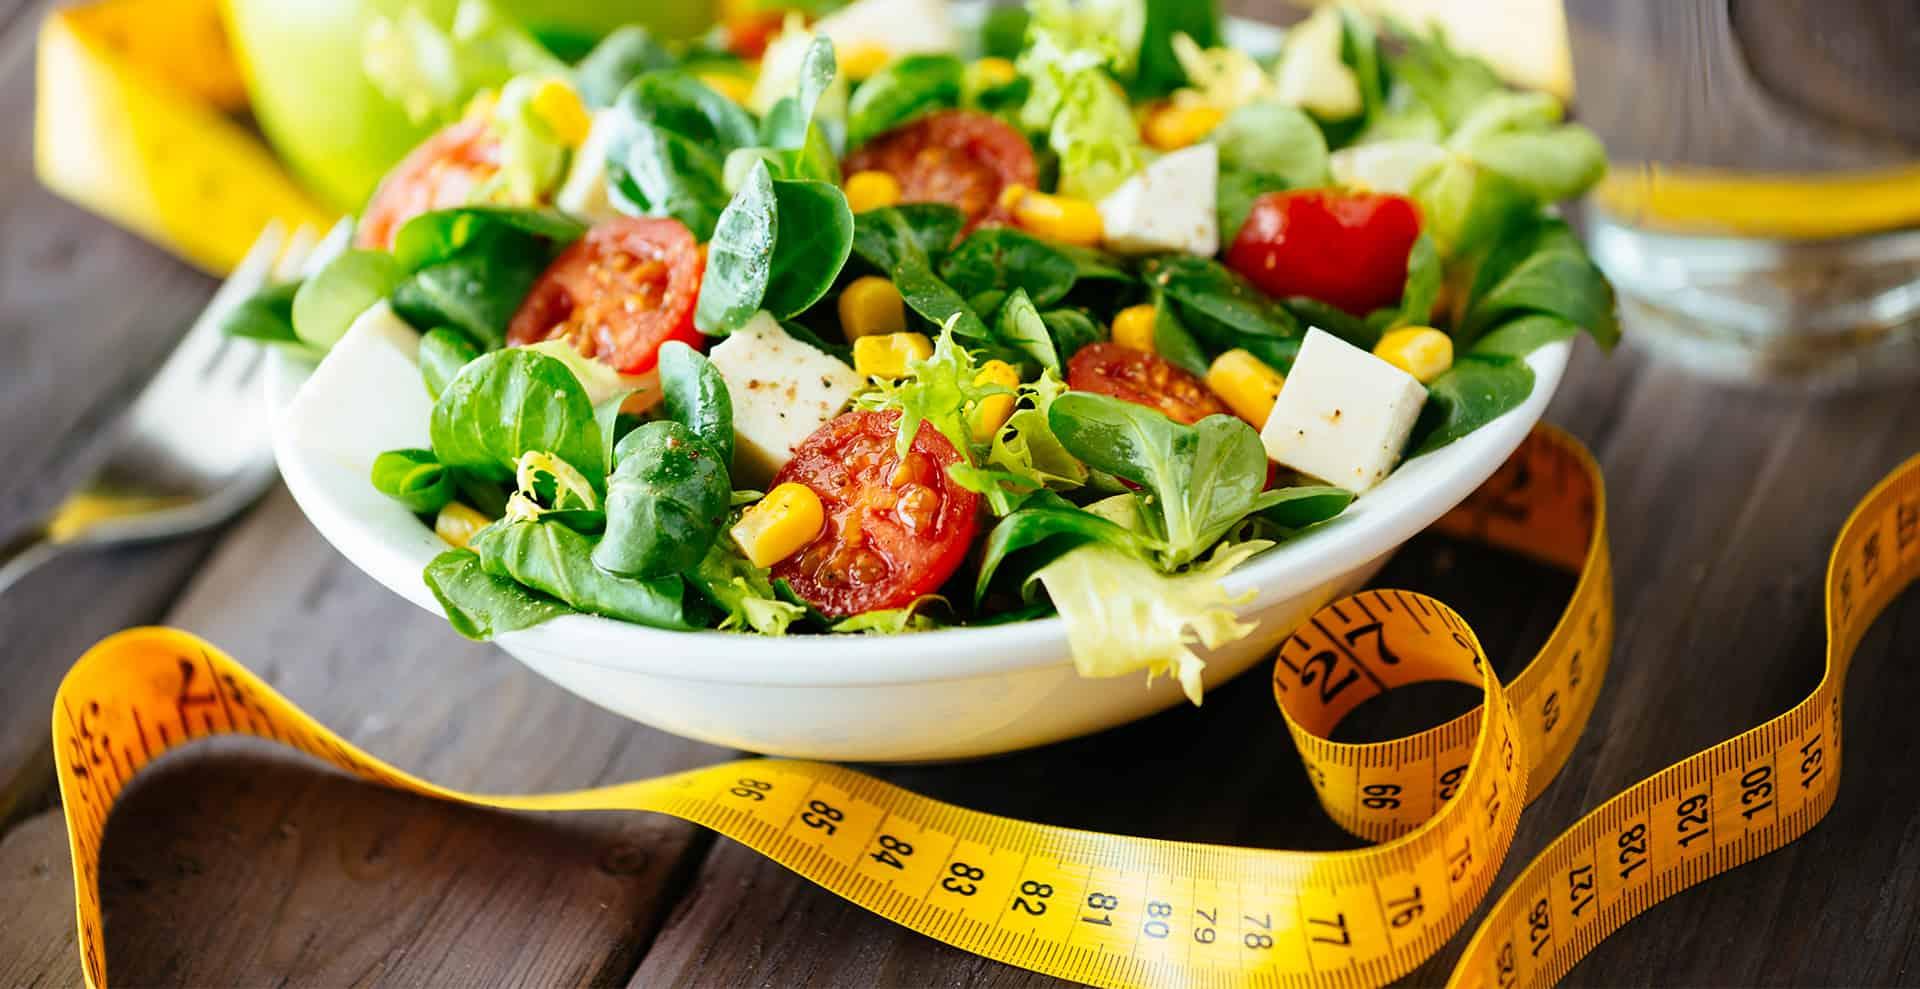 Centro de nutrición Omega